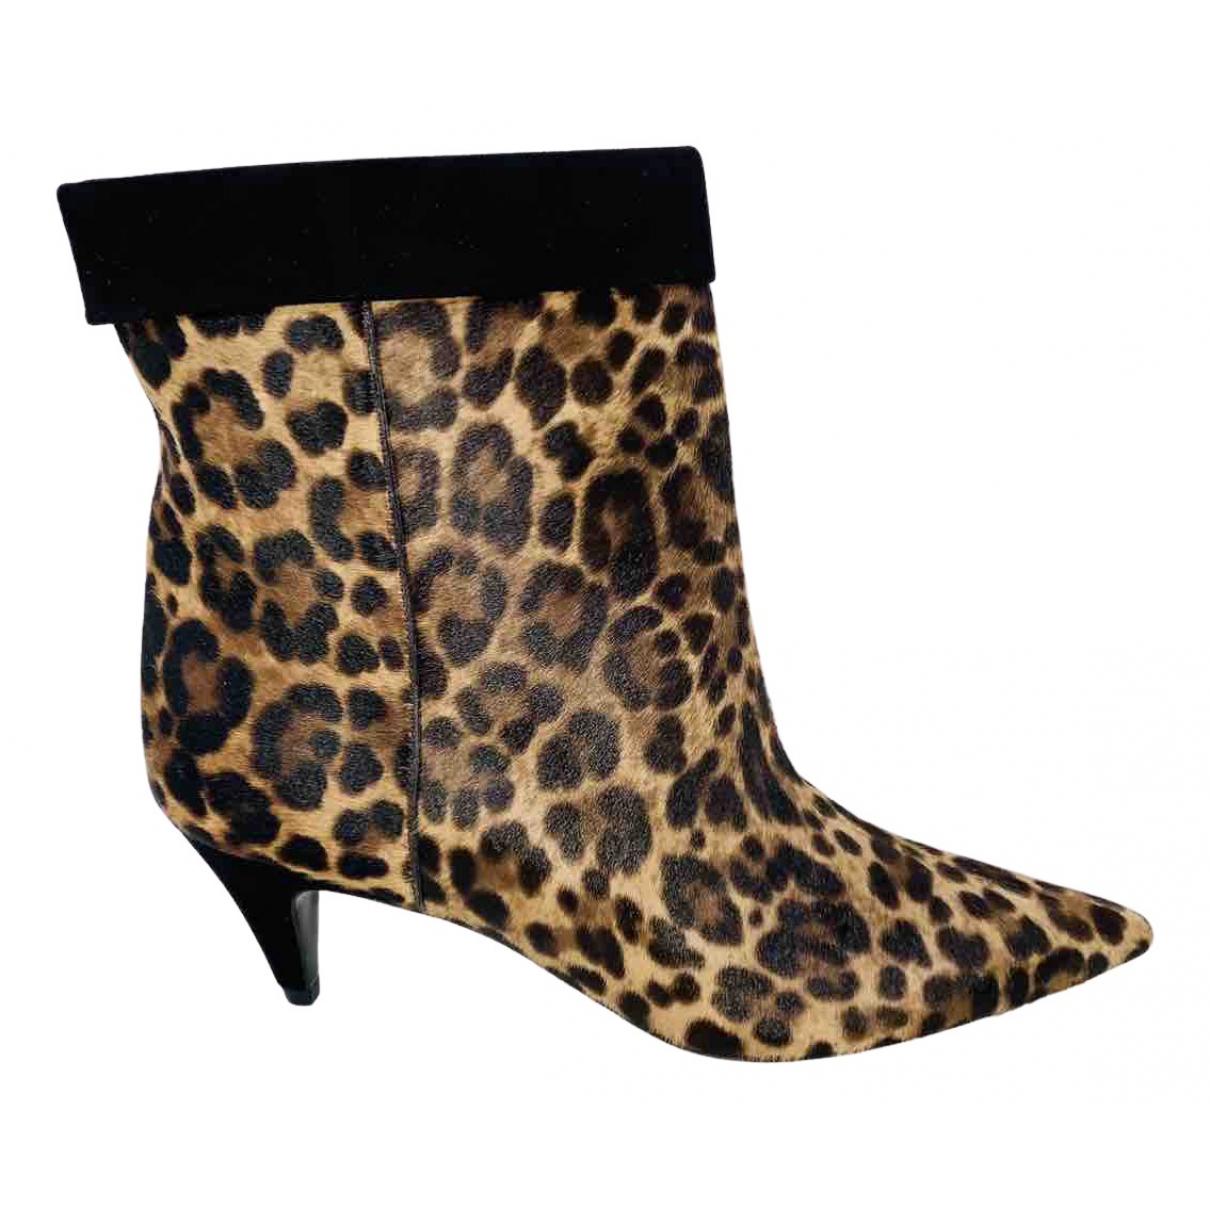 Saint Laurent - Boots Charlotte pour femme en veau facon poulain - noir